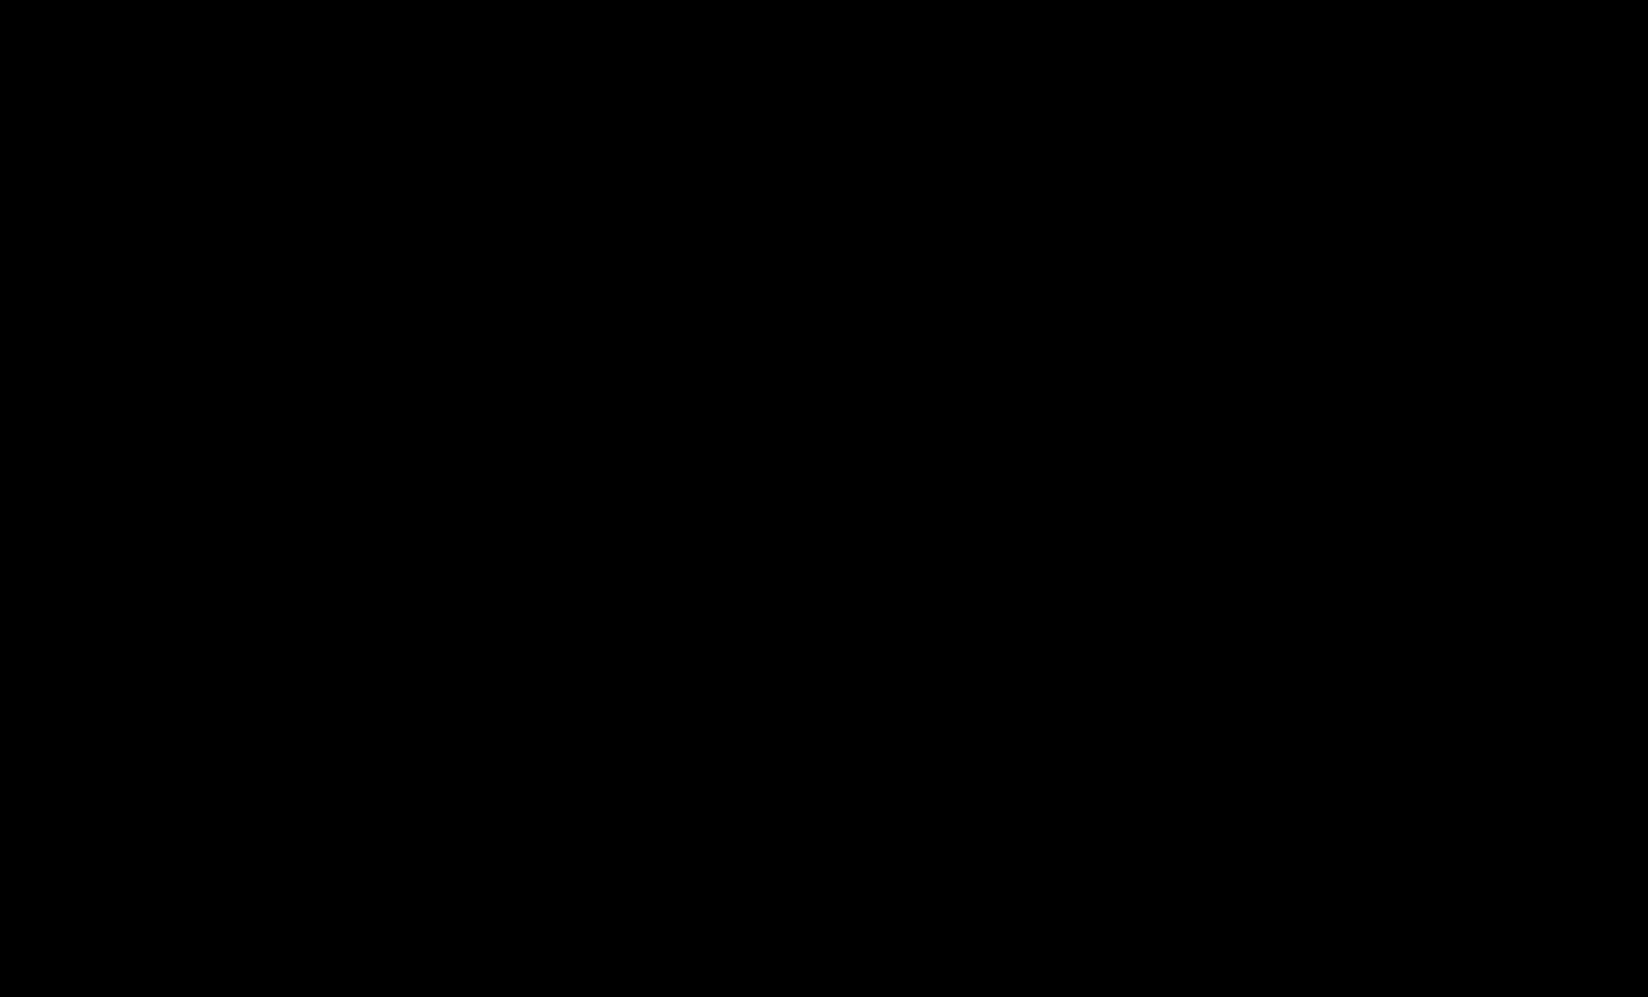 MAL-dPEG®₄-(m-dPEG®₁₂)₃